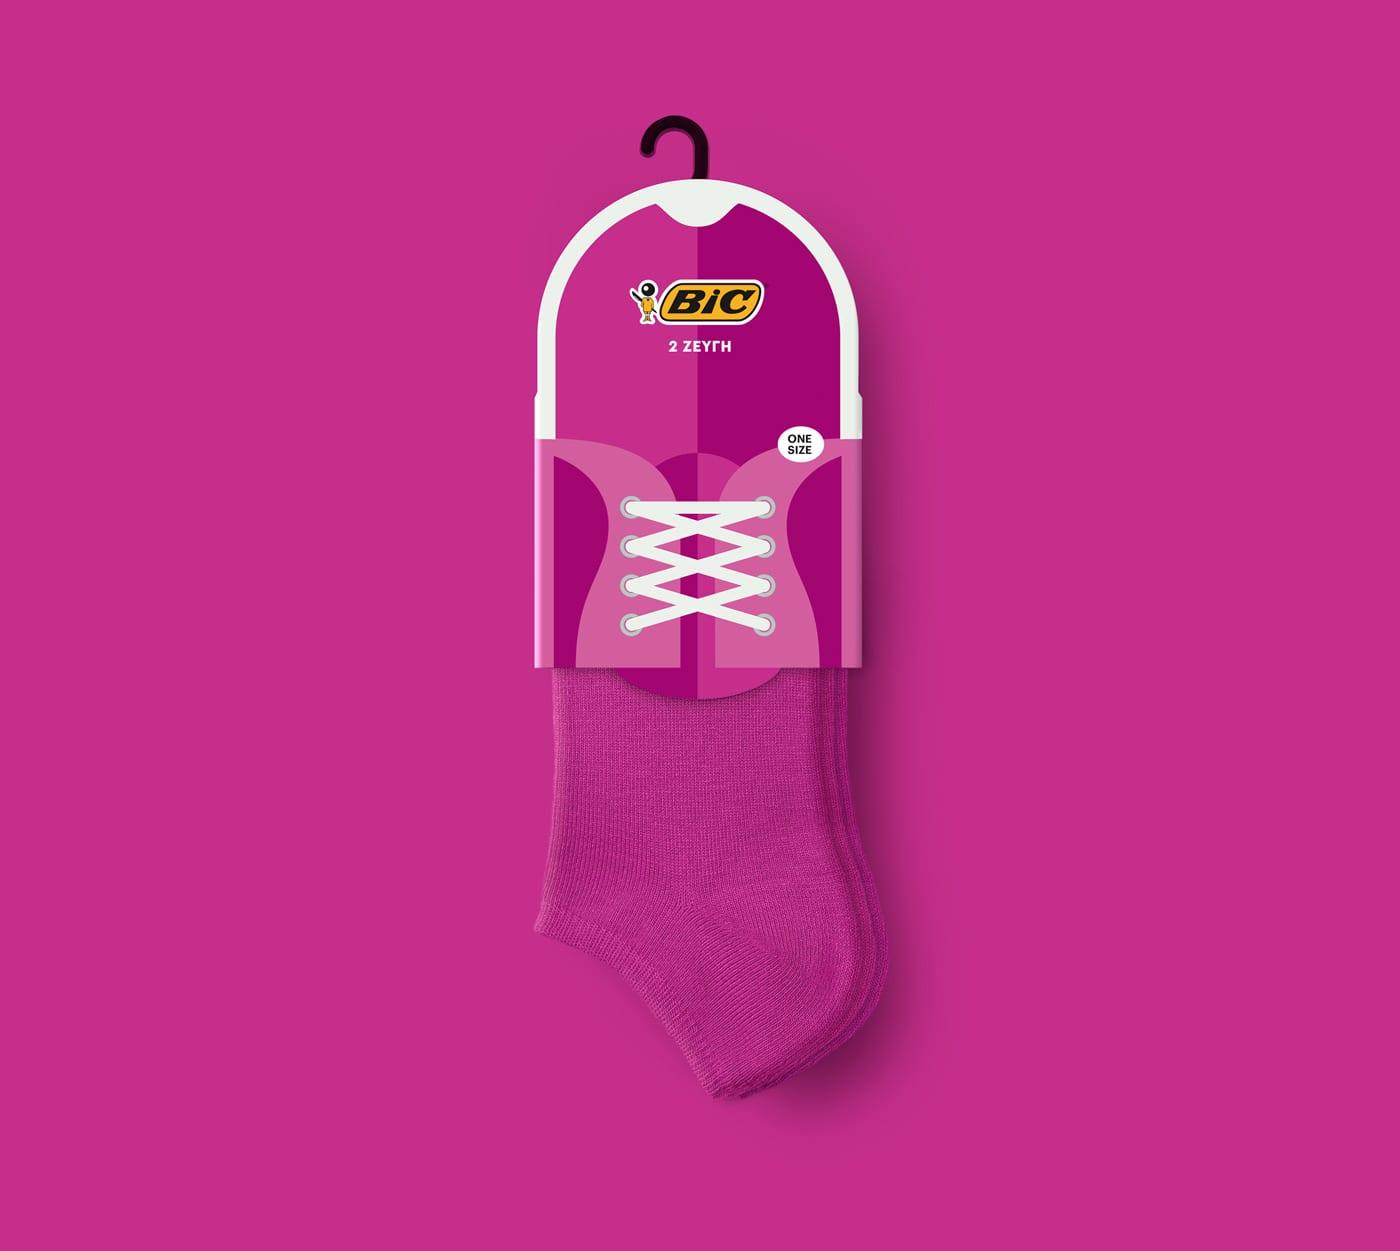 bic meias (6)